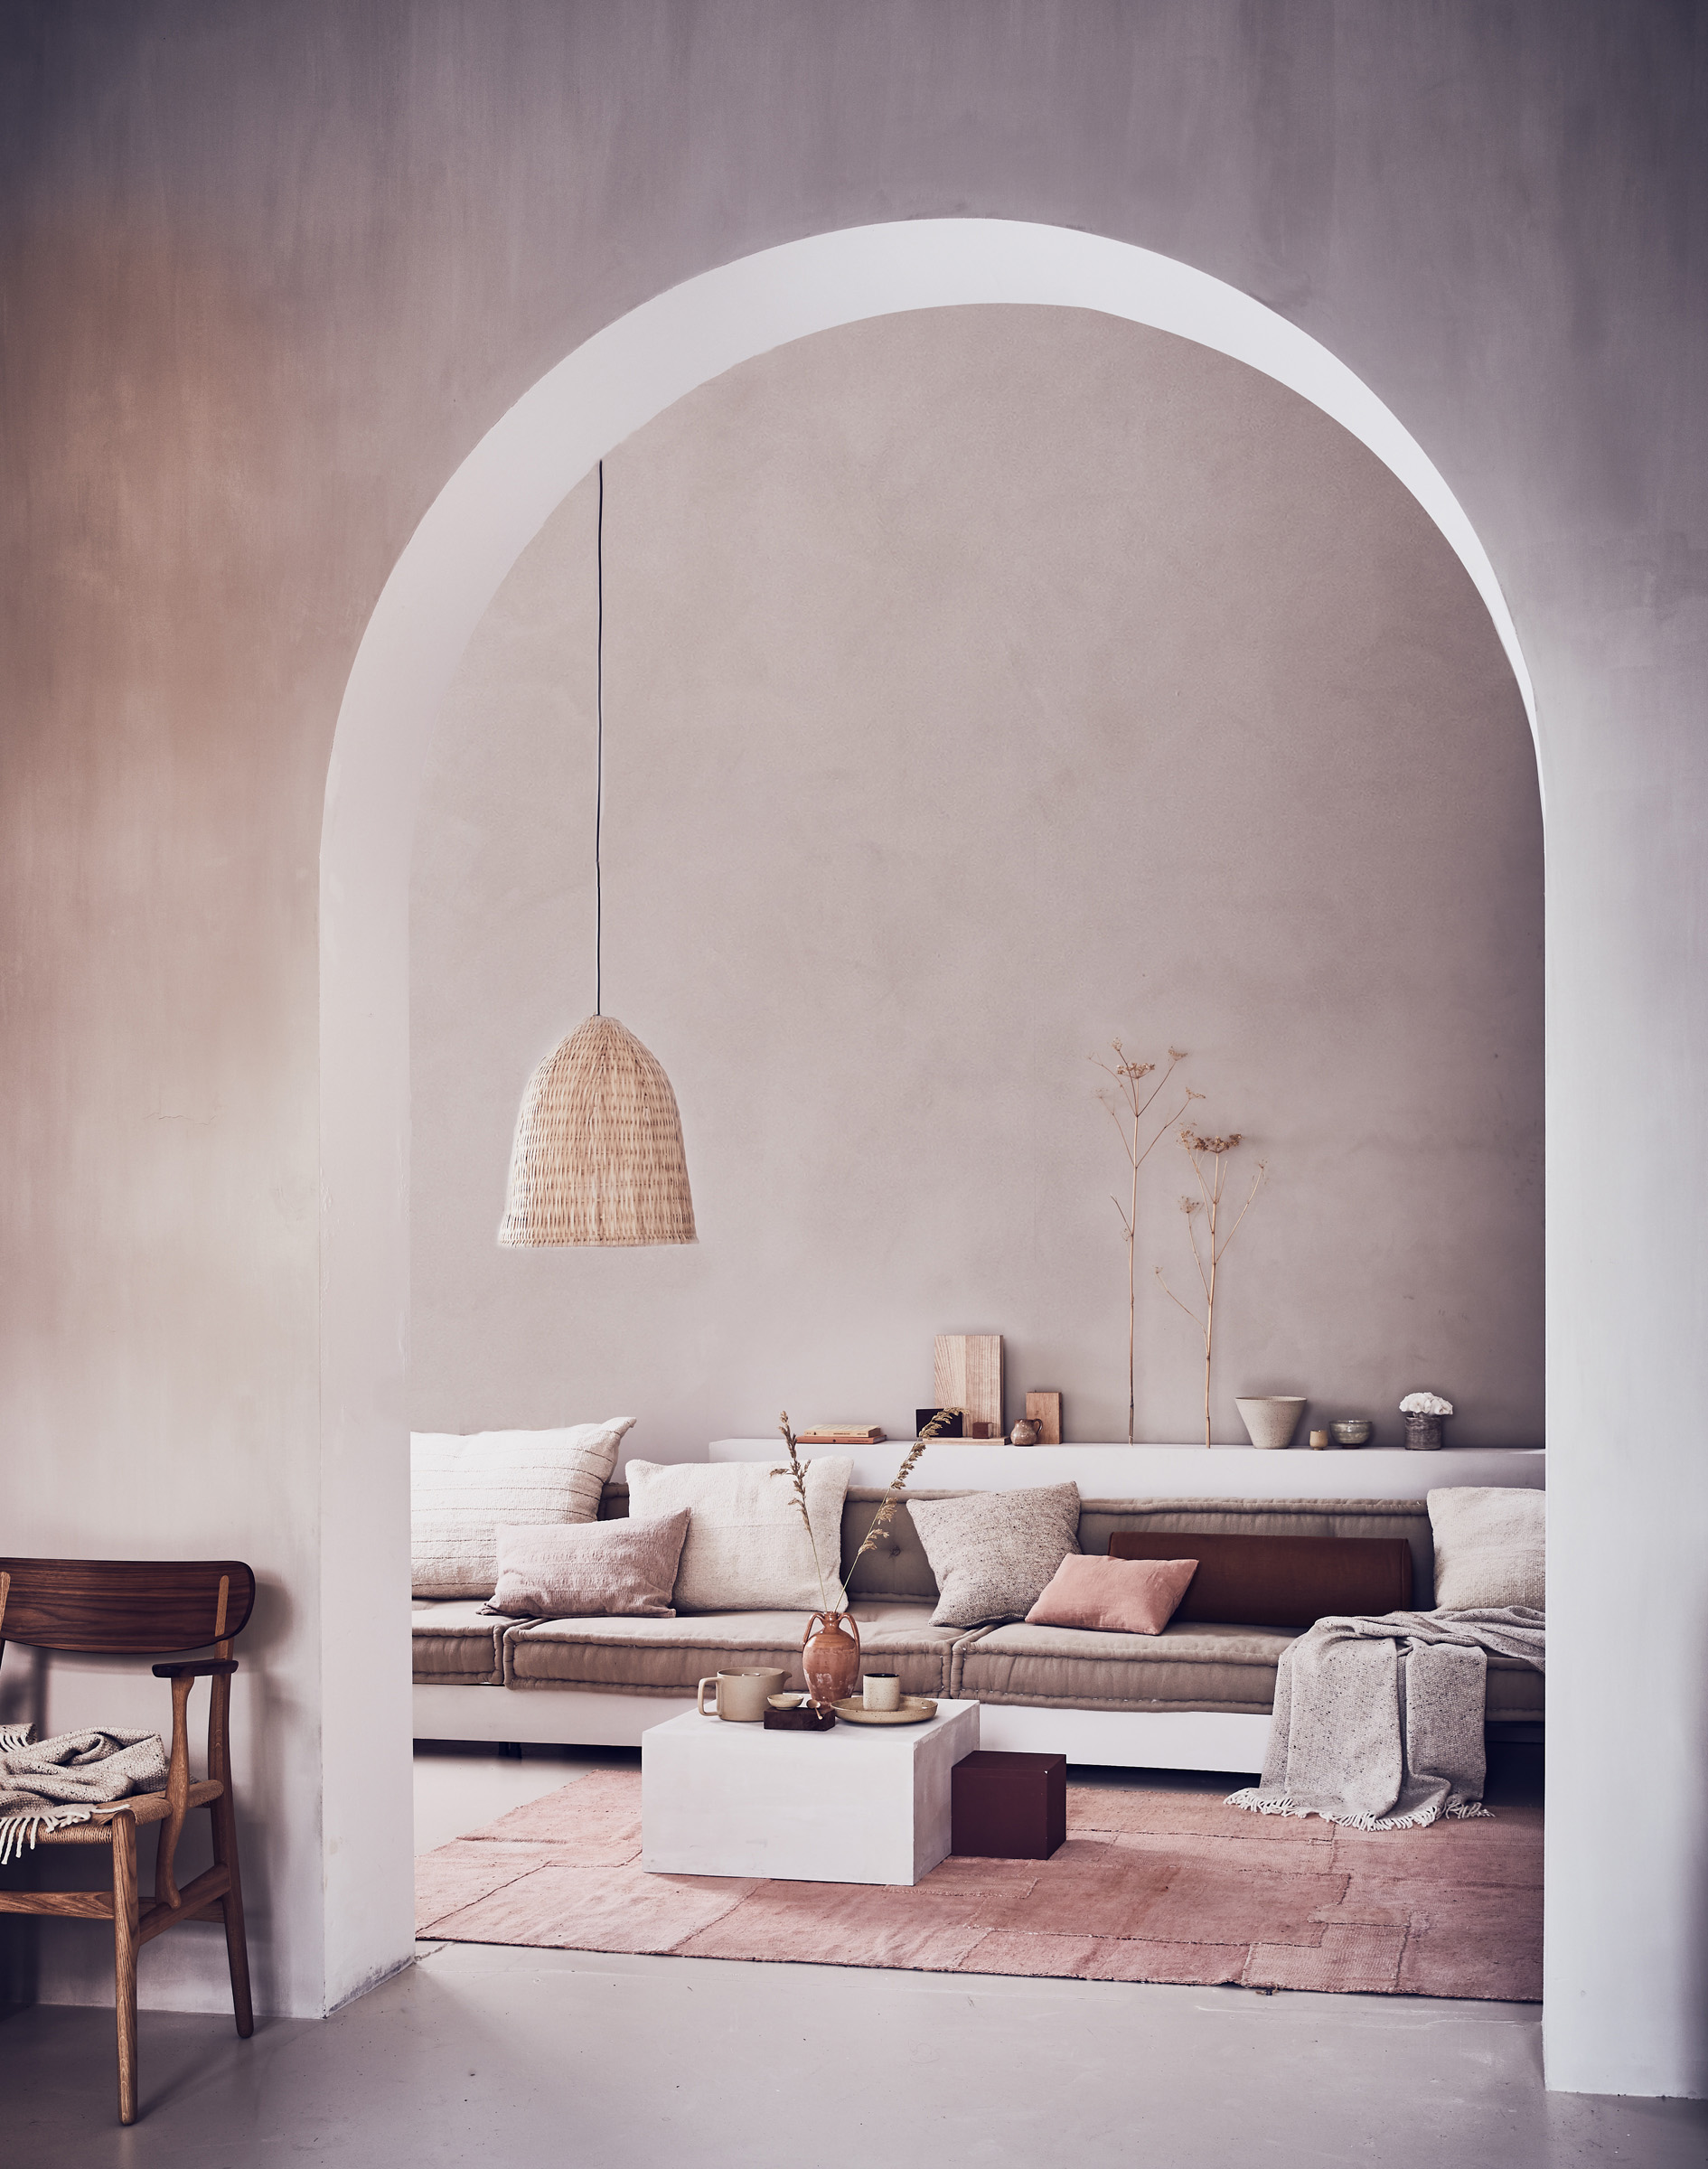 jeroen-van-der-spek-stillstars-interior-photography-cleo-scheulderman-interior-styling-vtwonen-magazine-mood-jeroen-van-der-spek-stillstars-interior-photography-cleo-scheulderman-interior-styling-vtwonen-magazine-marocco vtw maroc 4063_libibz.jpg